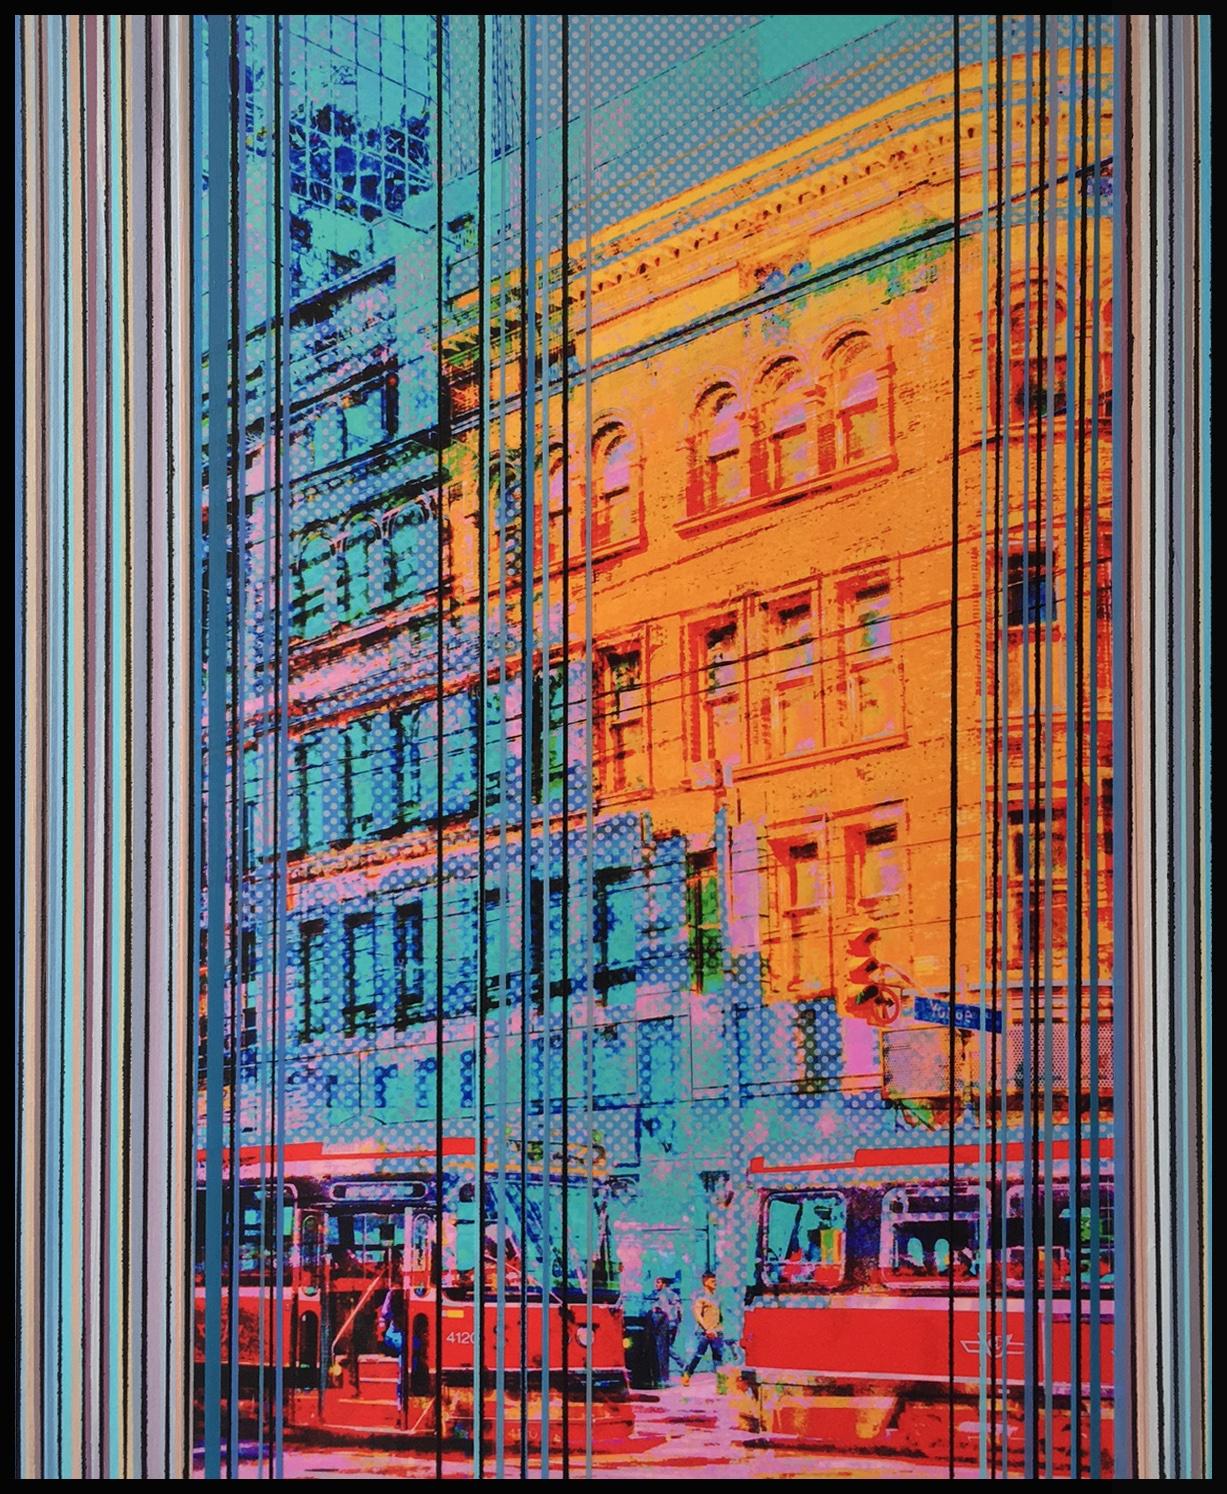 My City: 156  by Jamie MacRae